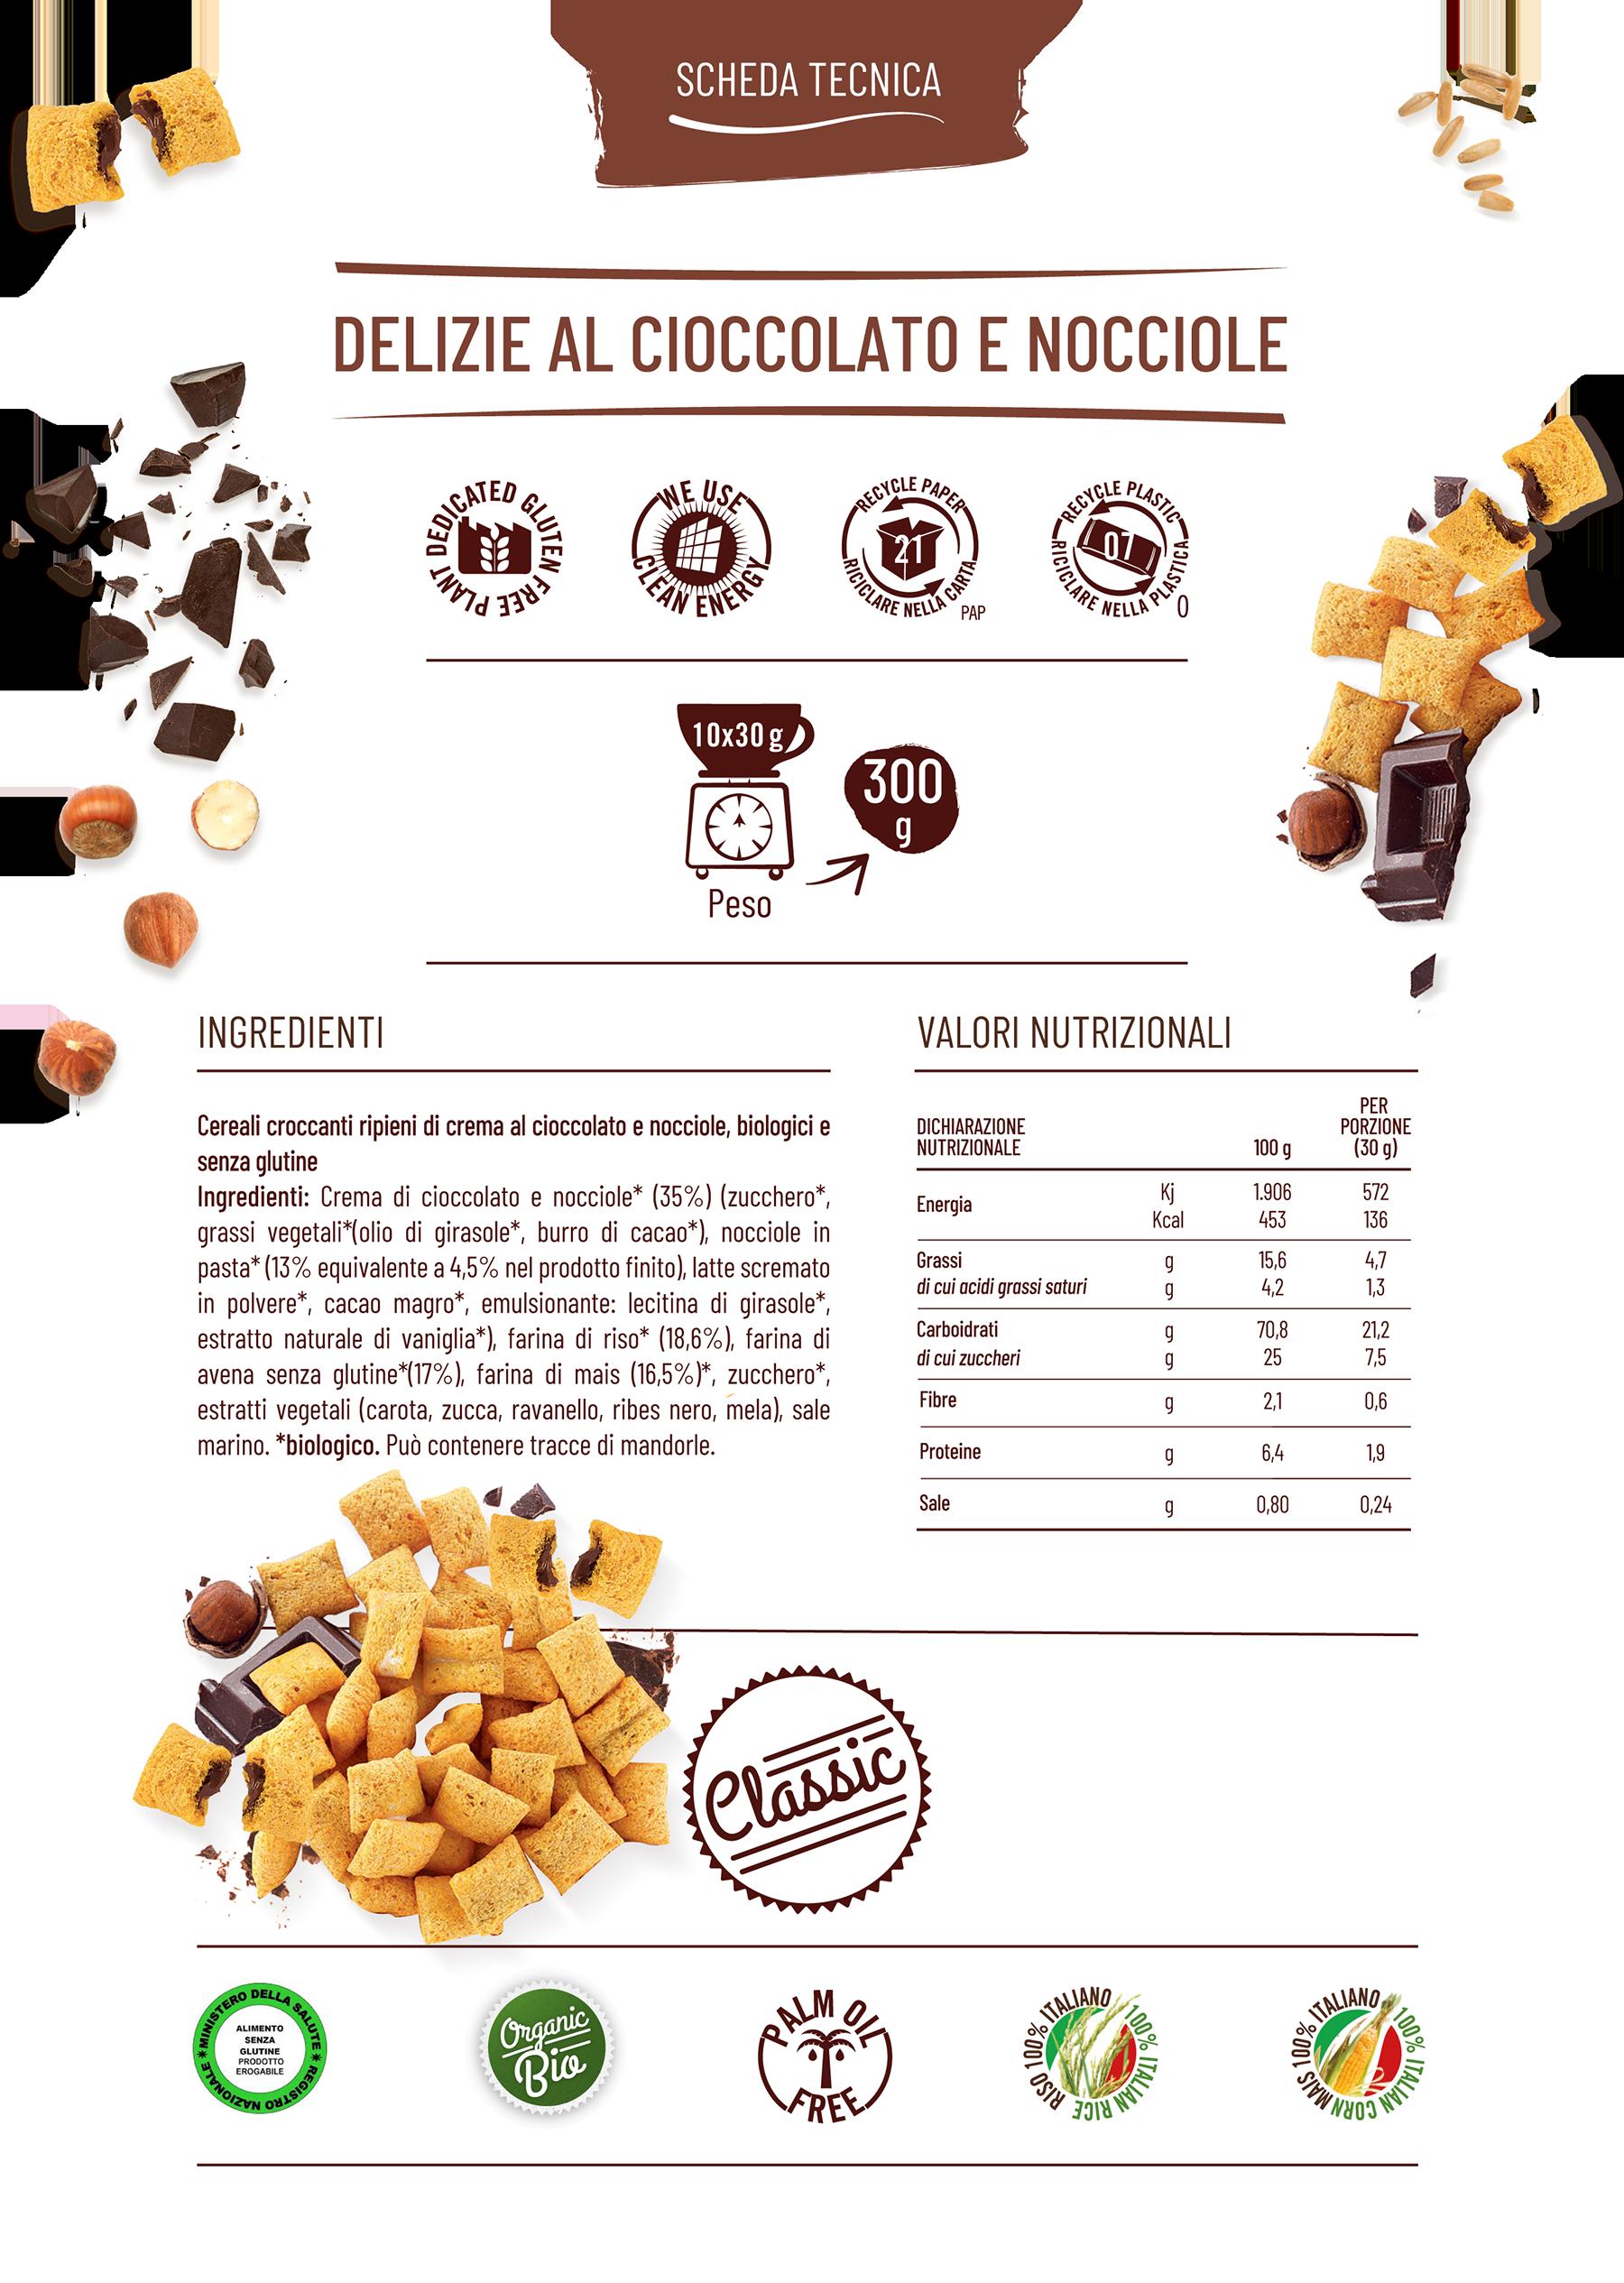 Delizie al cioccolato e nocciole gamma classic scheda tecnica